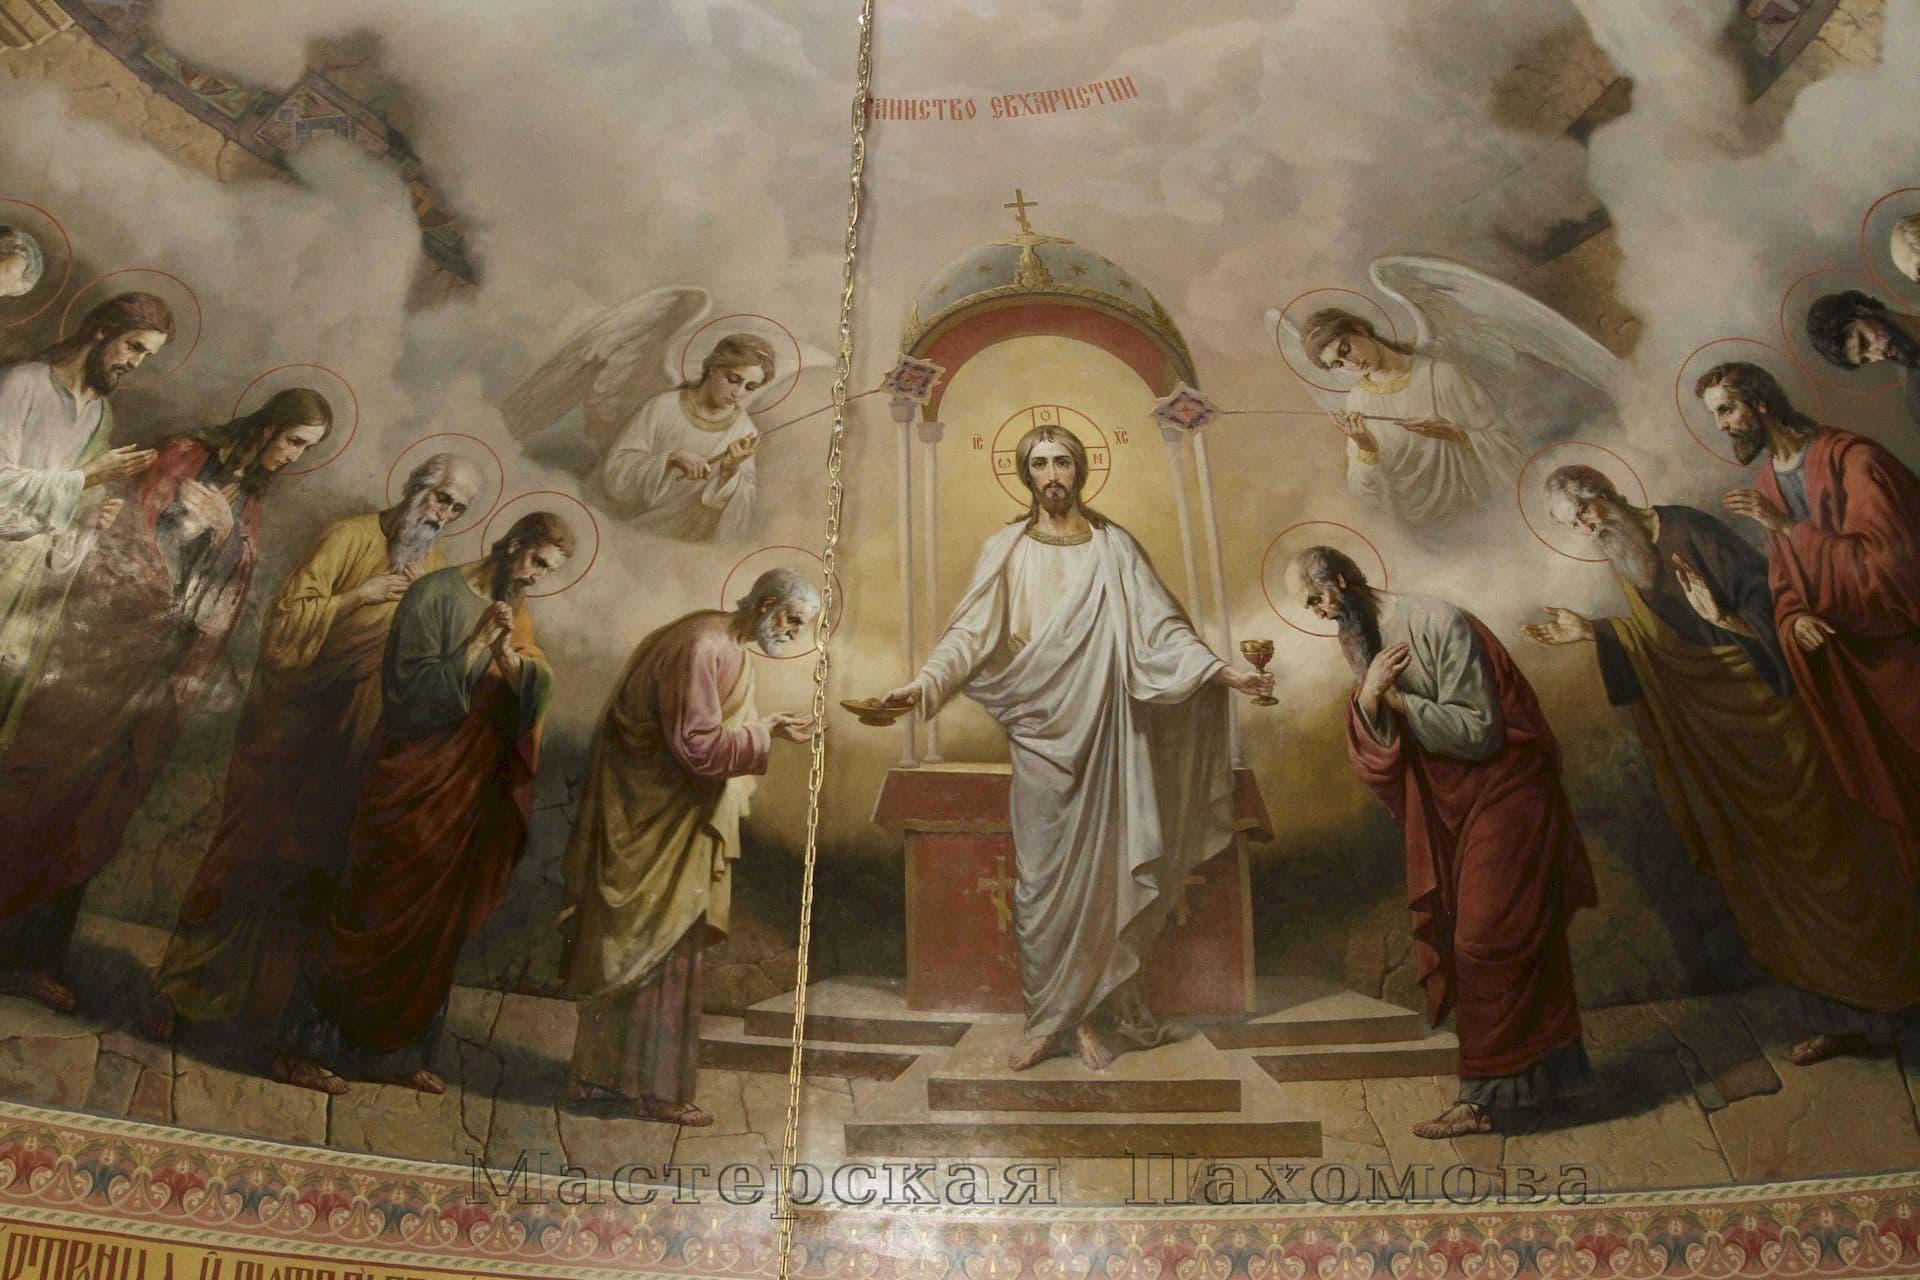 Таинство Евхаристии - сюжетная композиция на стене Храма. Роспись храмов